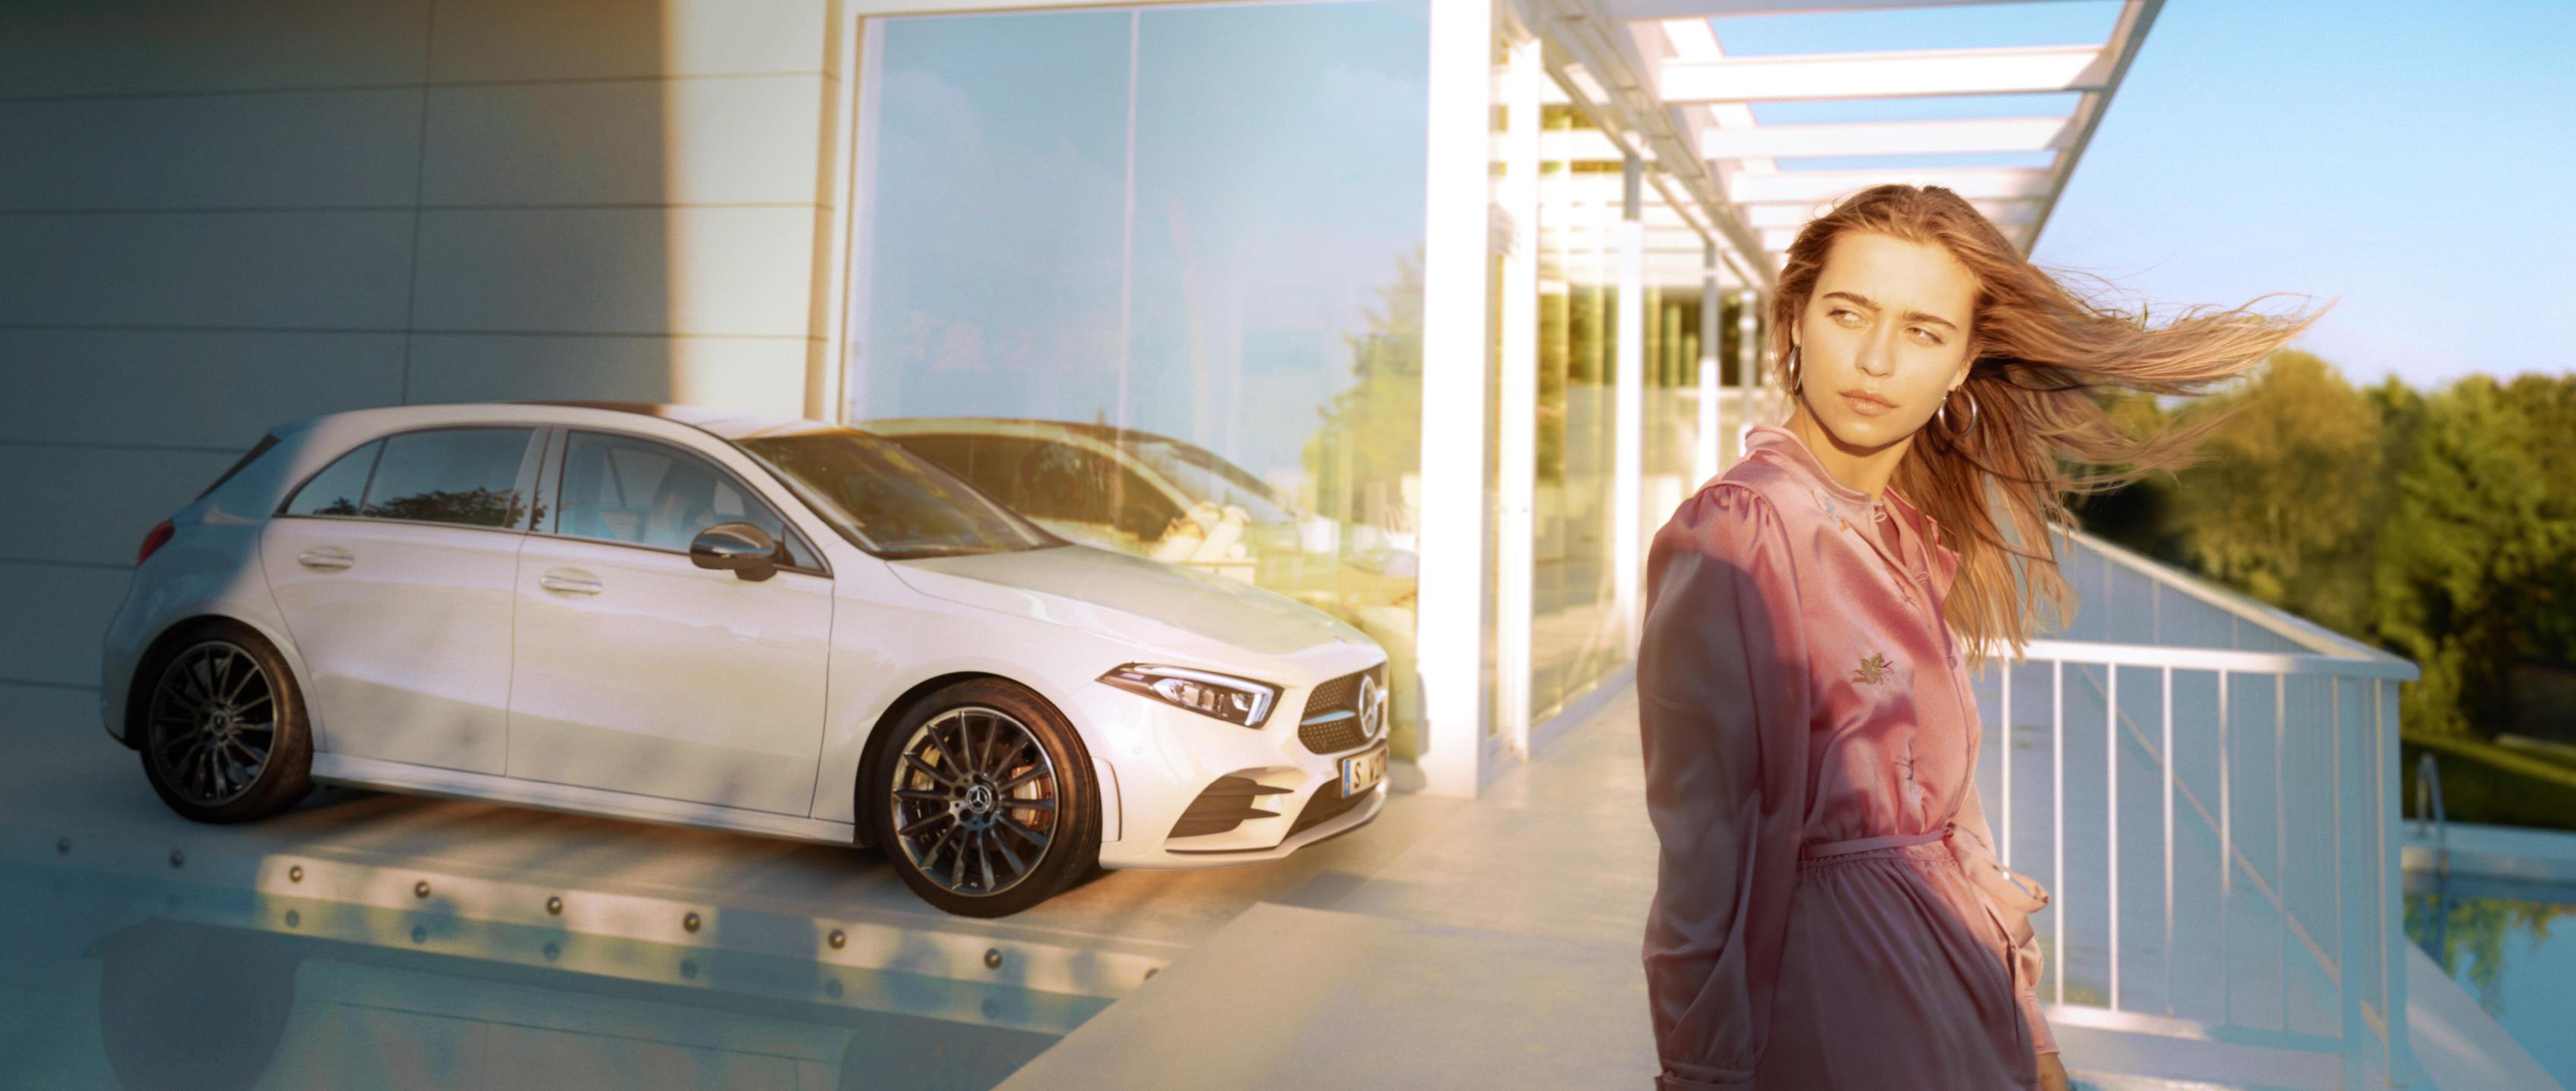 Mercedes-Benz запустили новую рекламную кампанию с Ники Минаж для A-Class